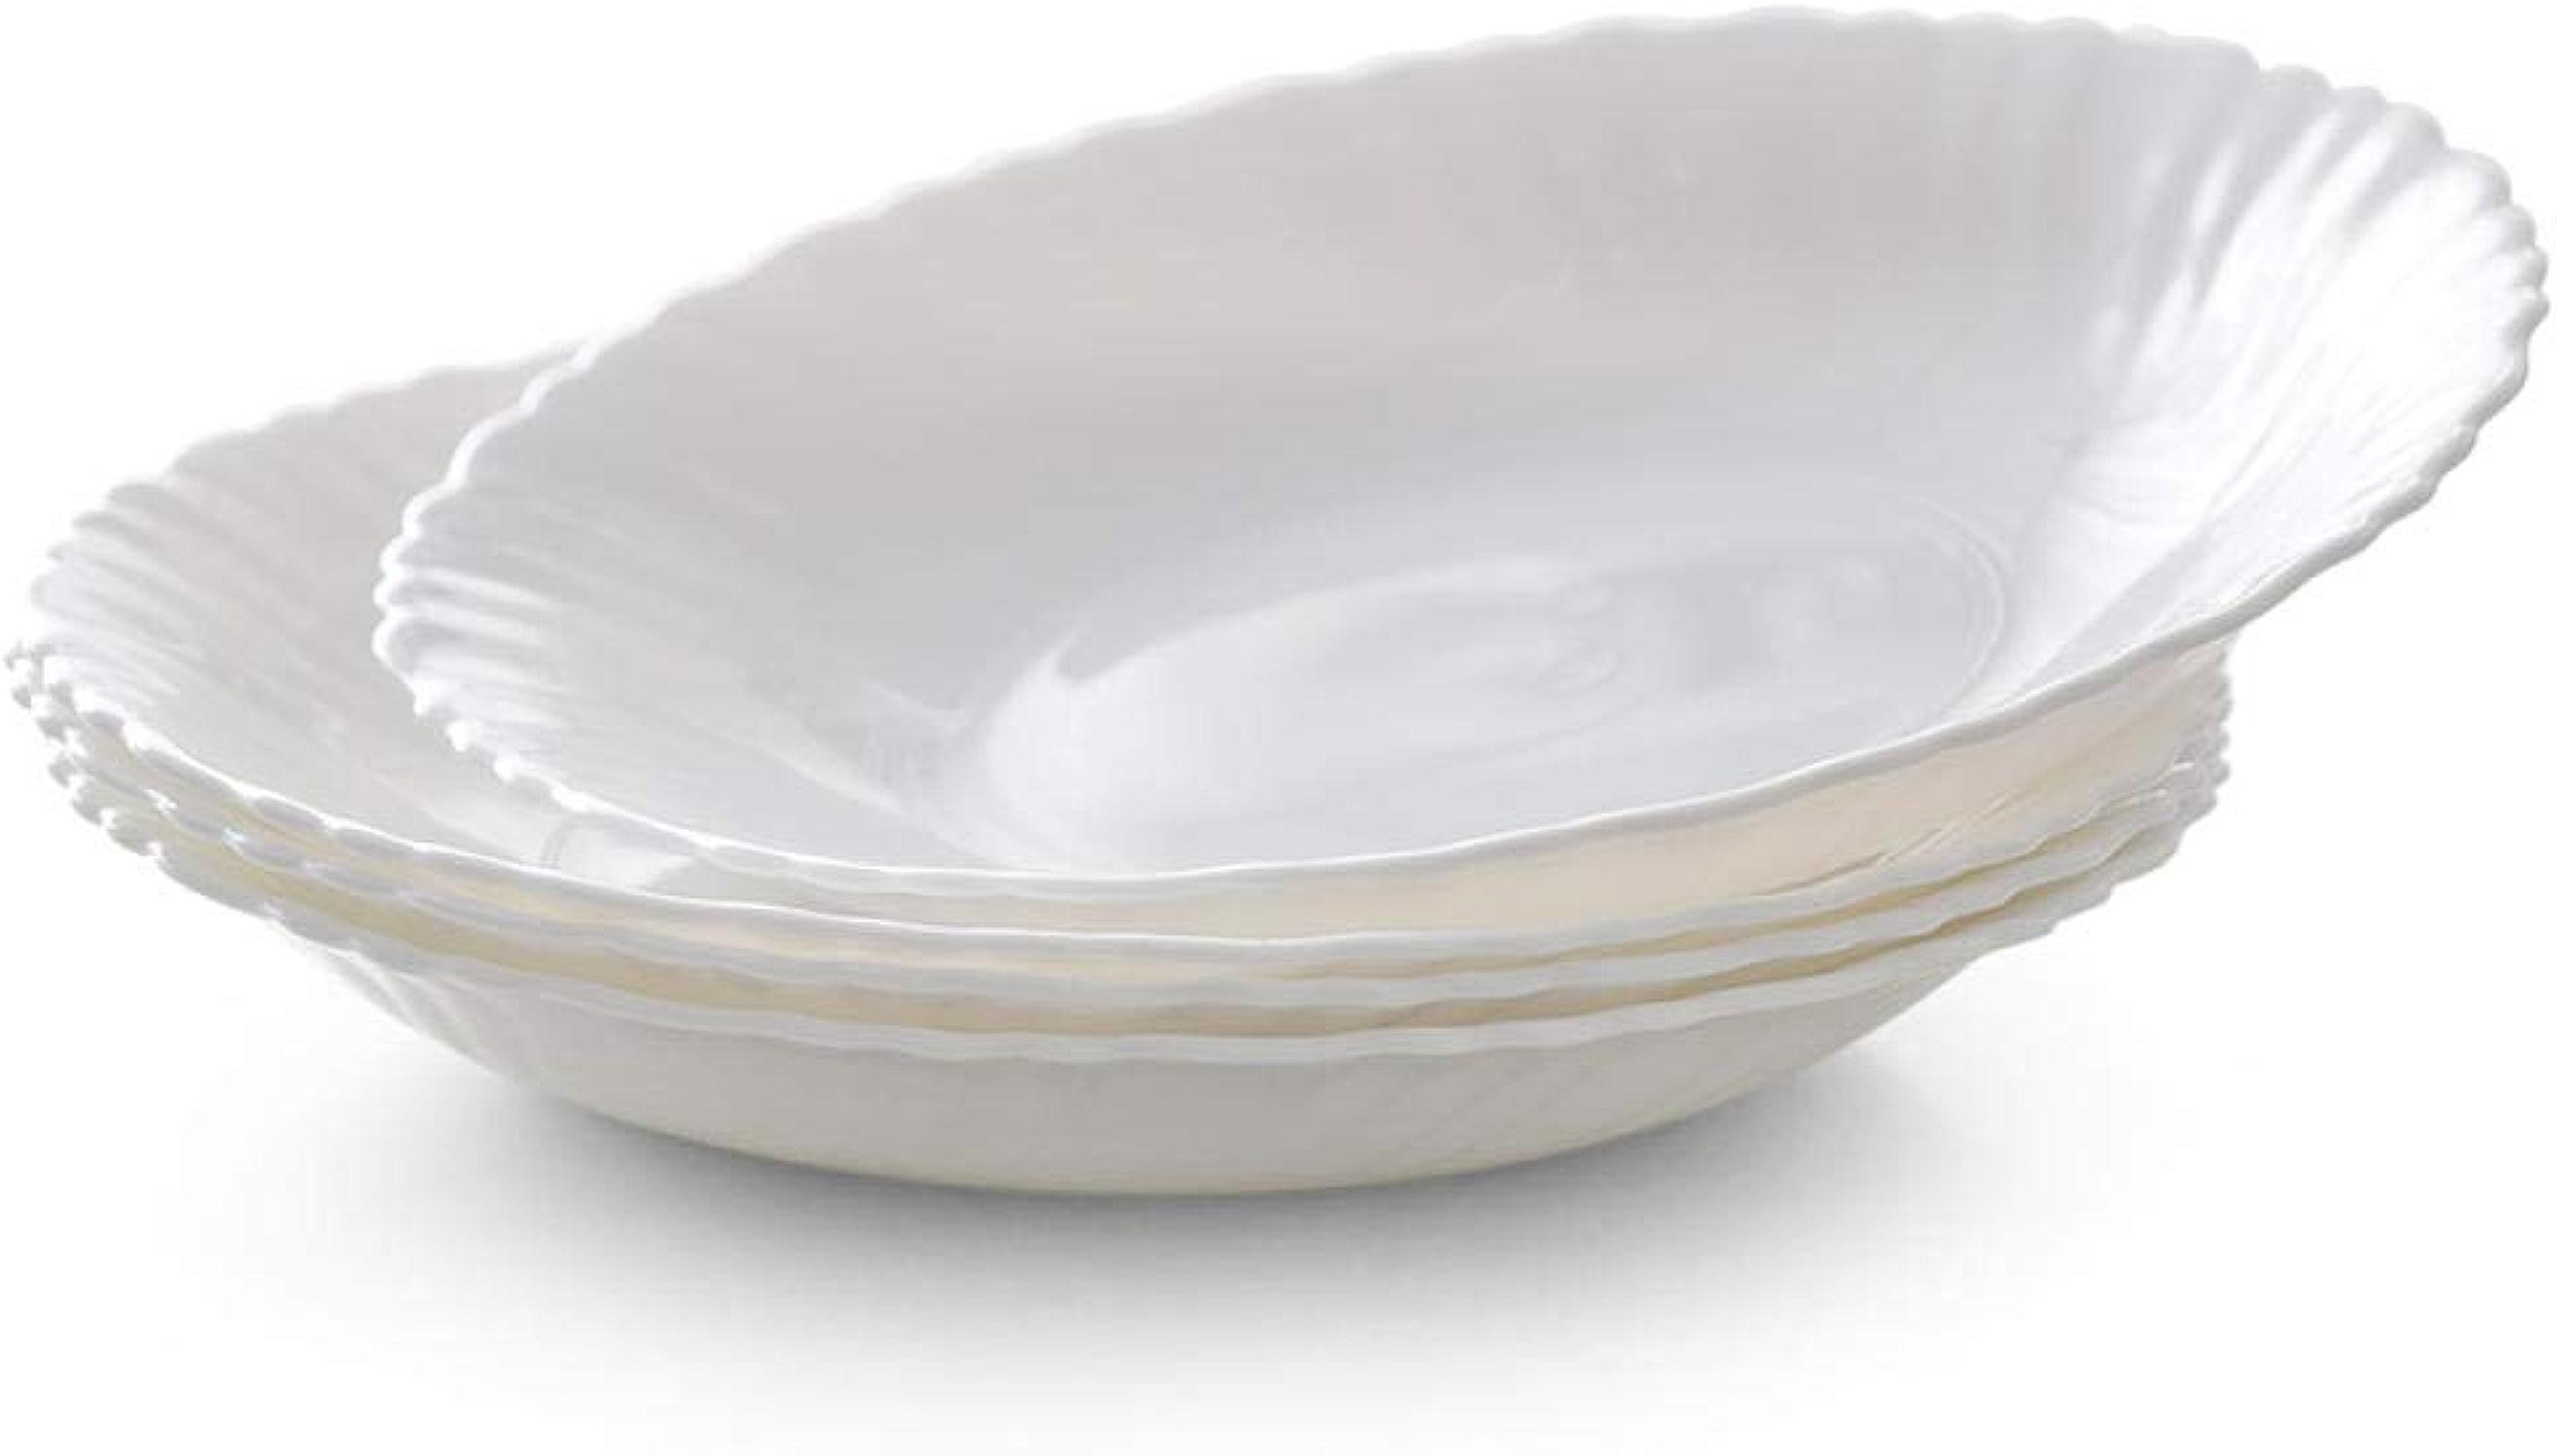 4Pcs Assiette En Porcelaine De Verre Opale Blanc Résistant à La Chaleur Assiette Profonde Couverts Couverts Steak Salade Sushi Petit Déjeuner Plaque